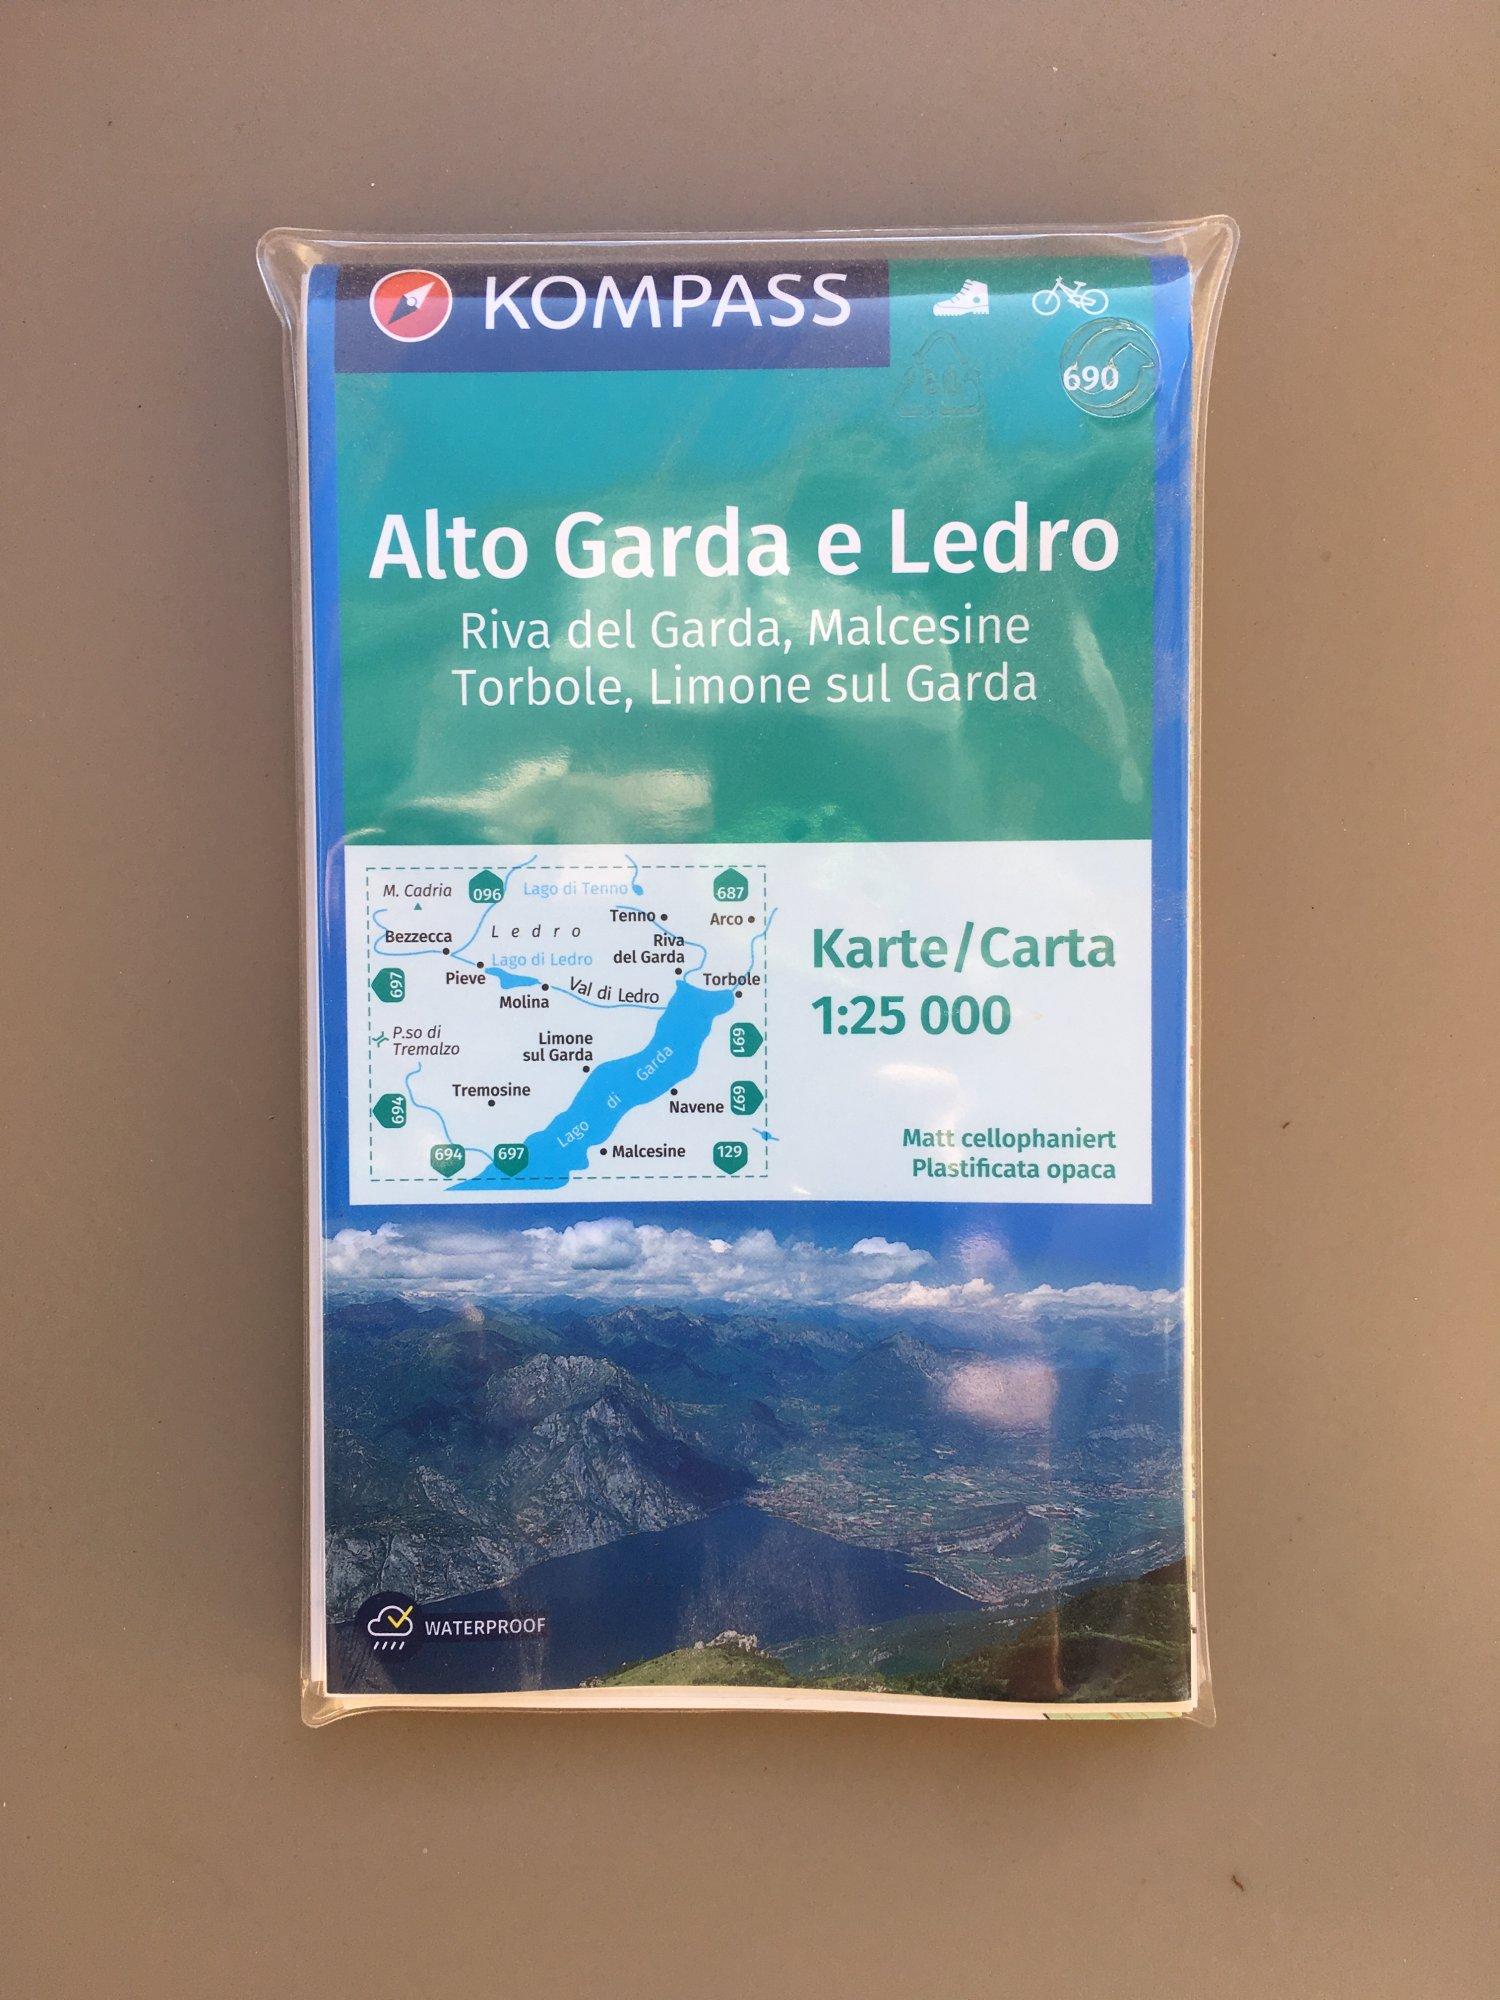 2021_03_30 cartina Kompass Garda 1 90.JPG